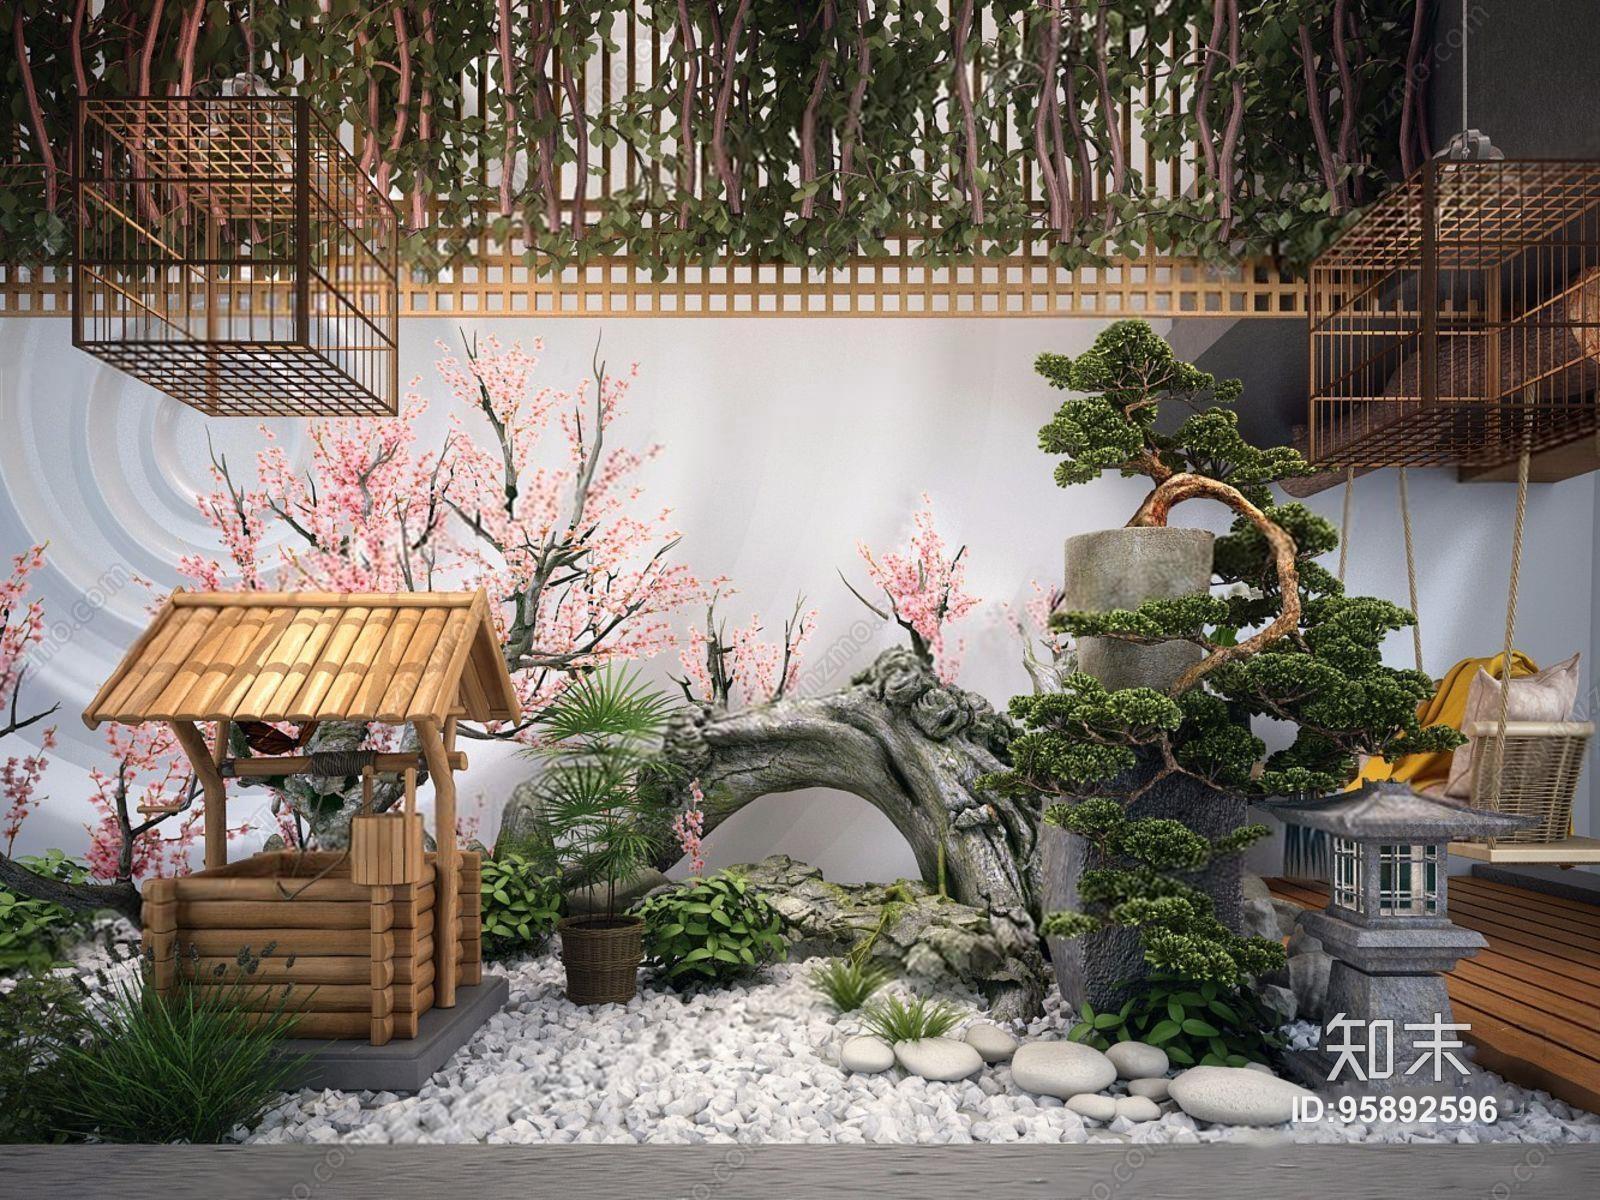 中式景观阳台设计 效果图